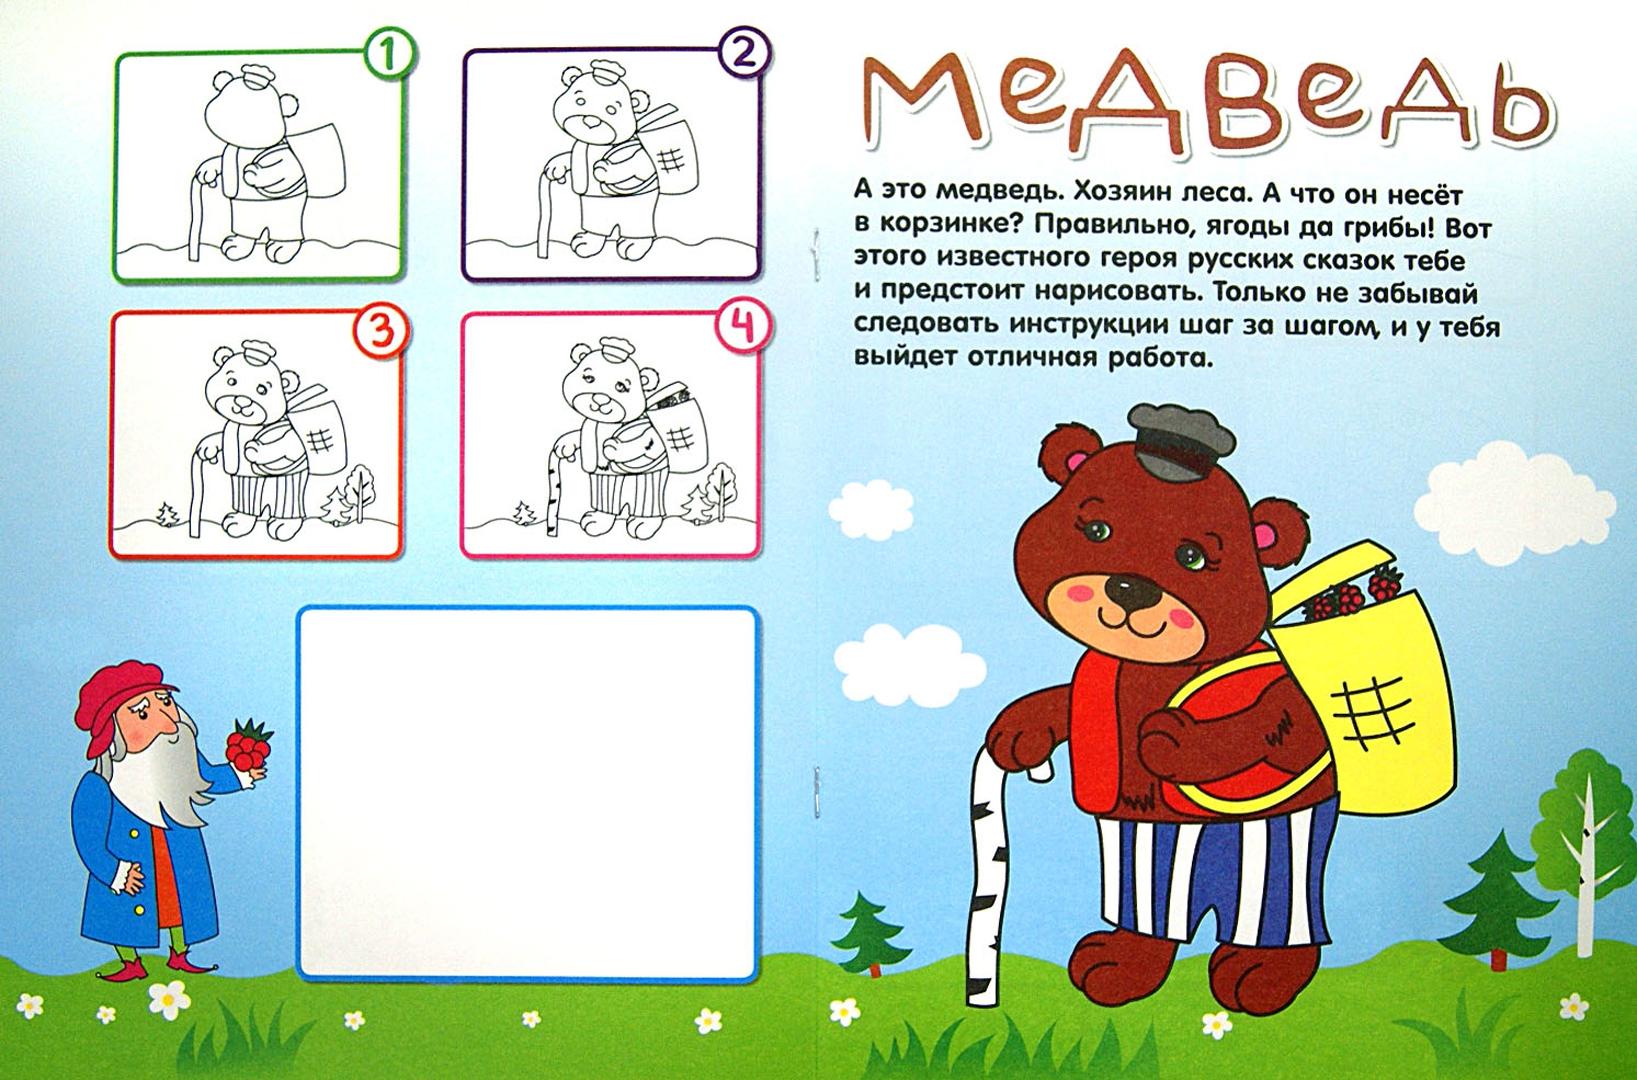 Иллюстрация 1 из 6 для Учимся рисовать. Лучшие сказки | Лабиринт - книги. Источник: Лабиринт